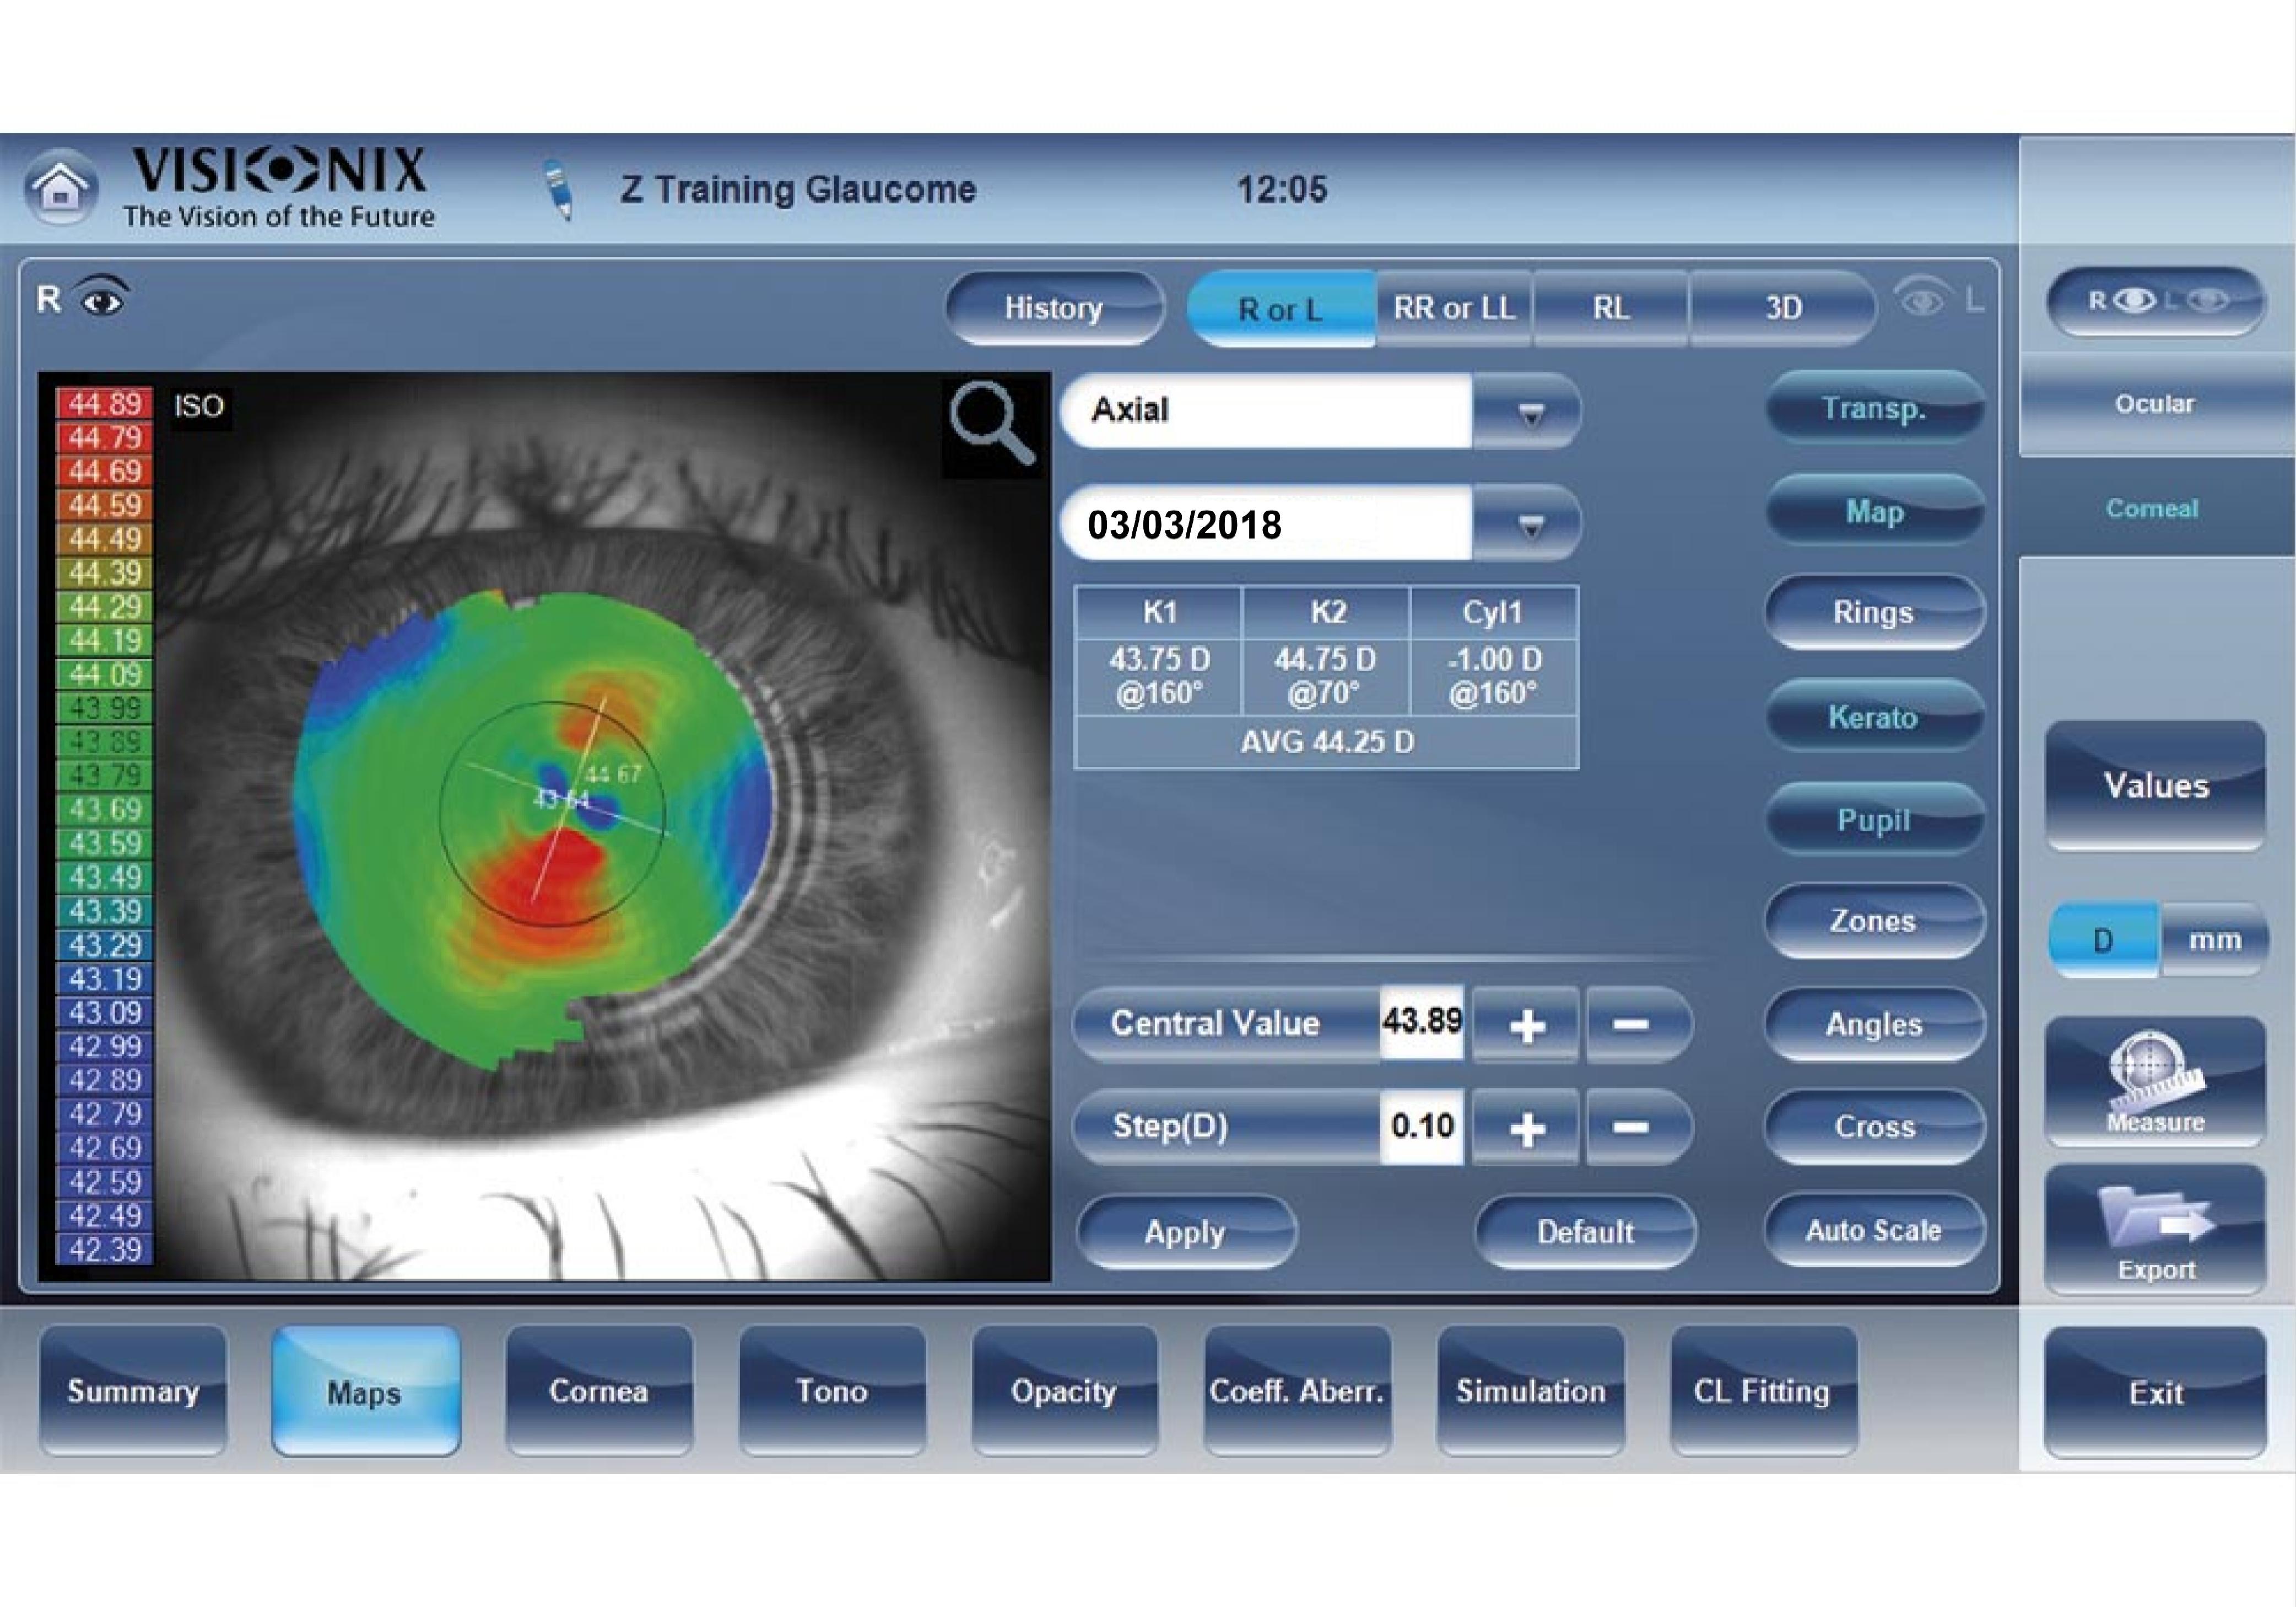 La importancia de la Topografía Corneal de sus ojos.